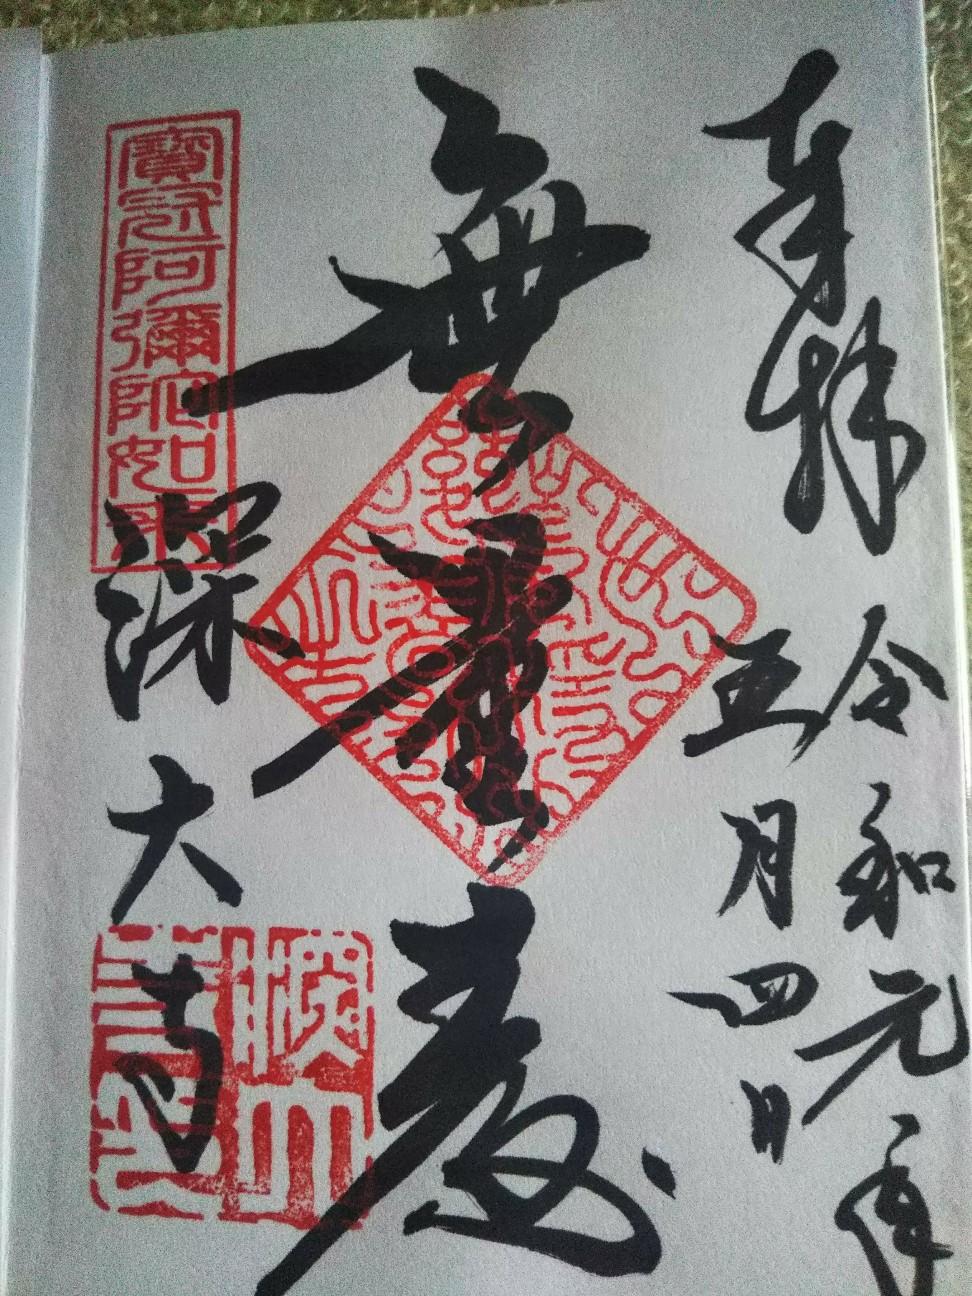 f:id:yujisyuji:20190506230433j:image